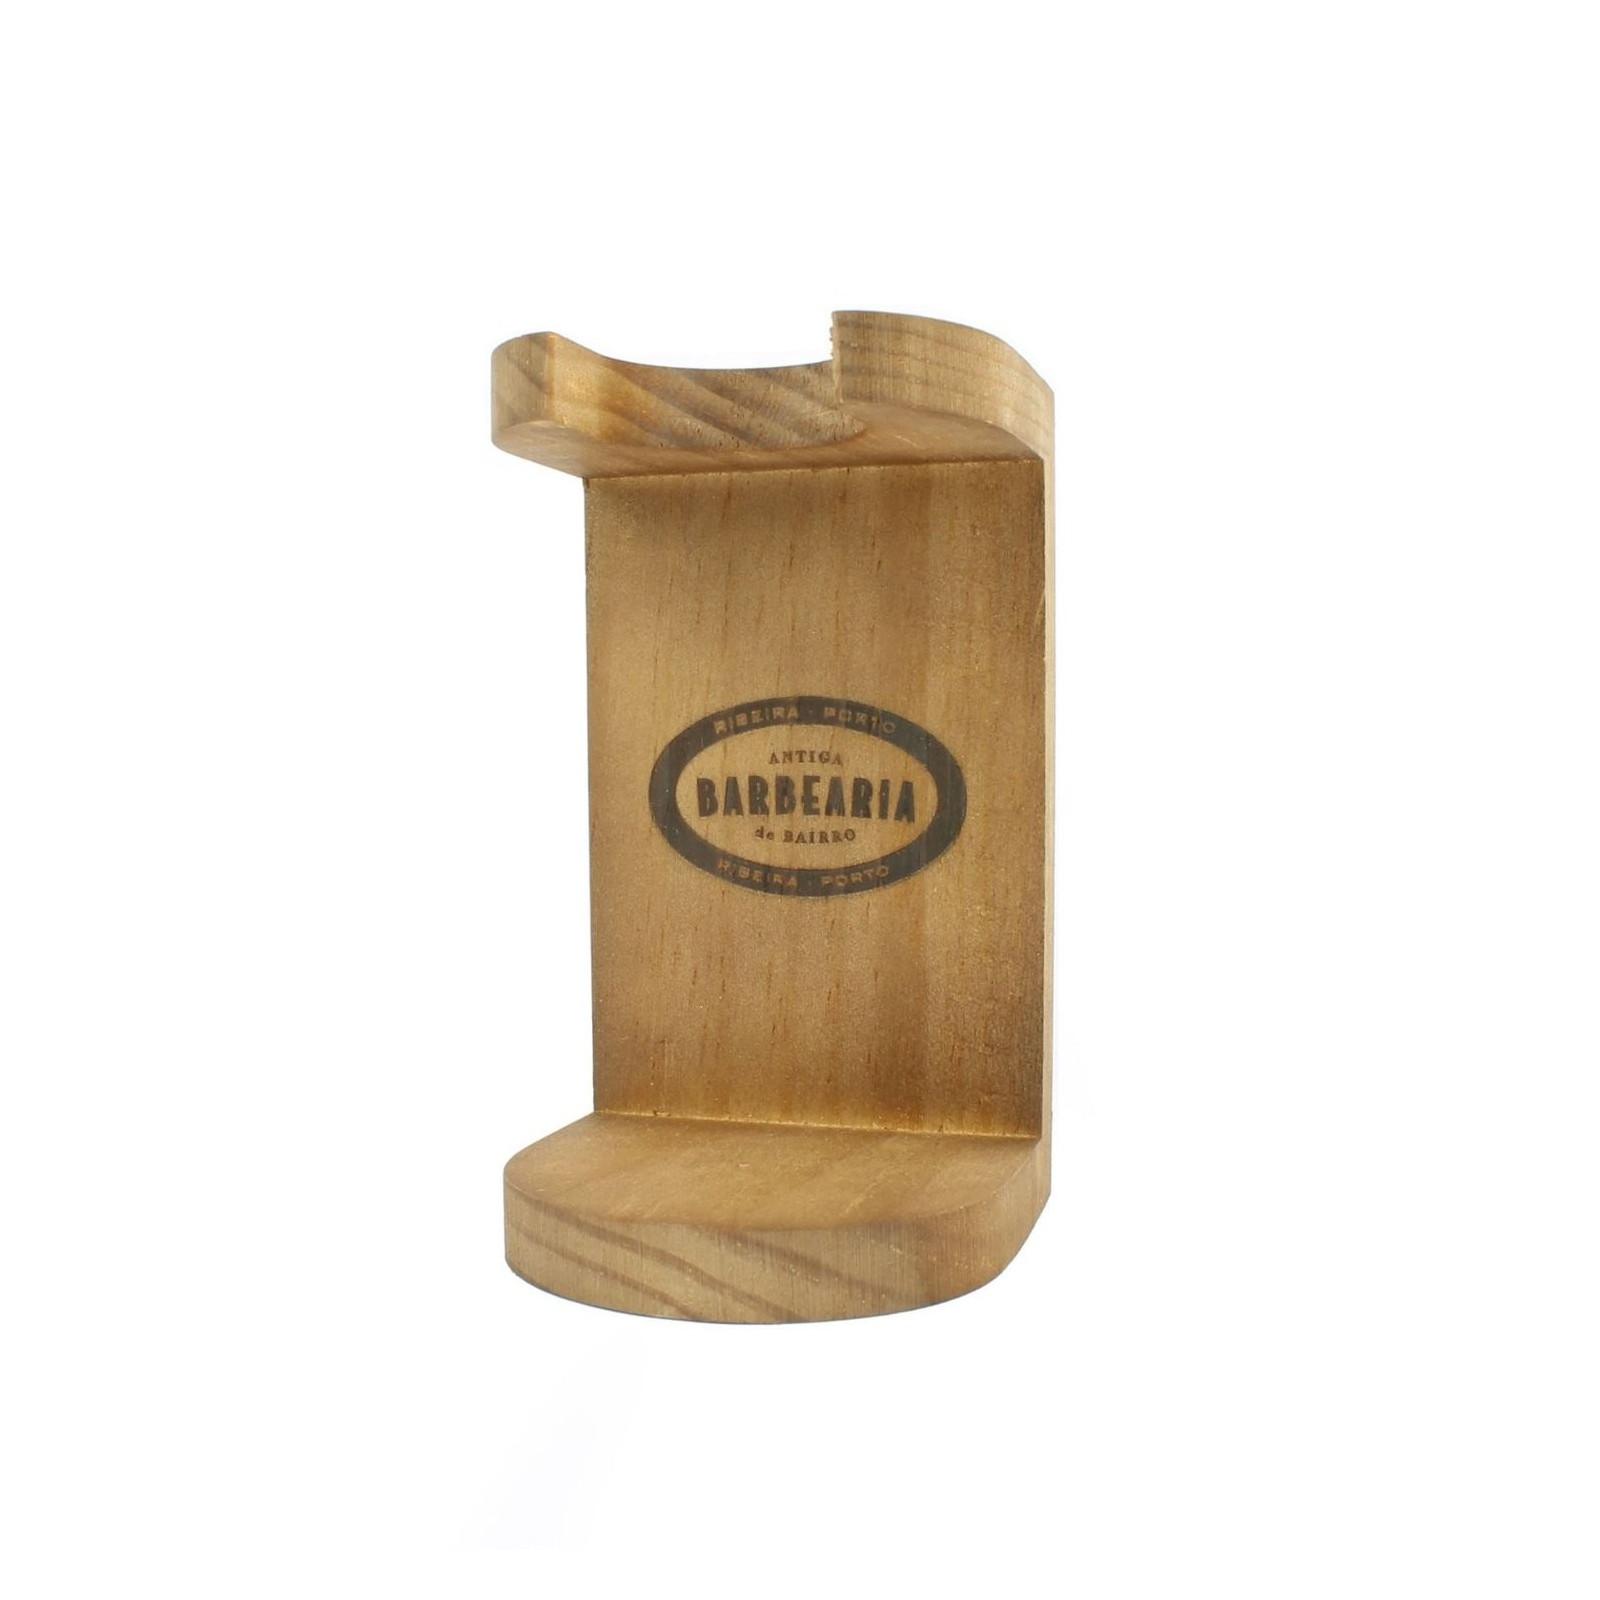 Support pour blaireau en bois Antiga Barbearia de Bairro